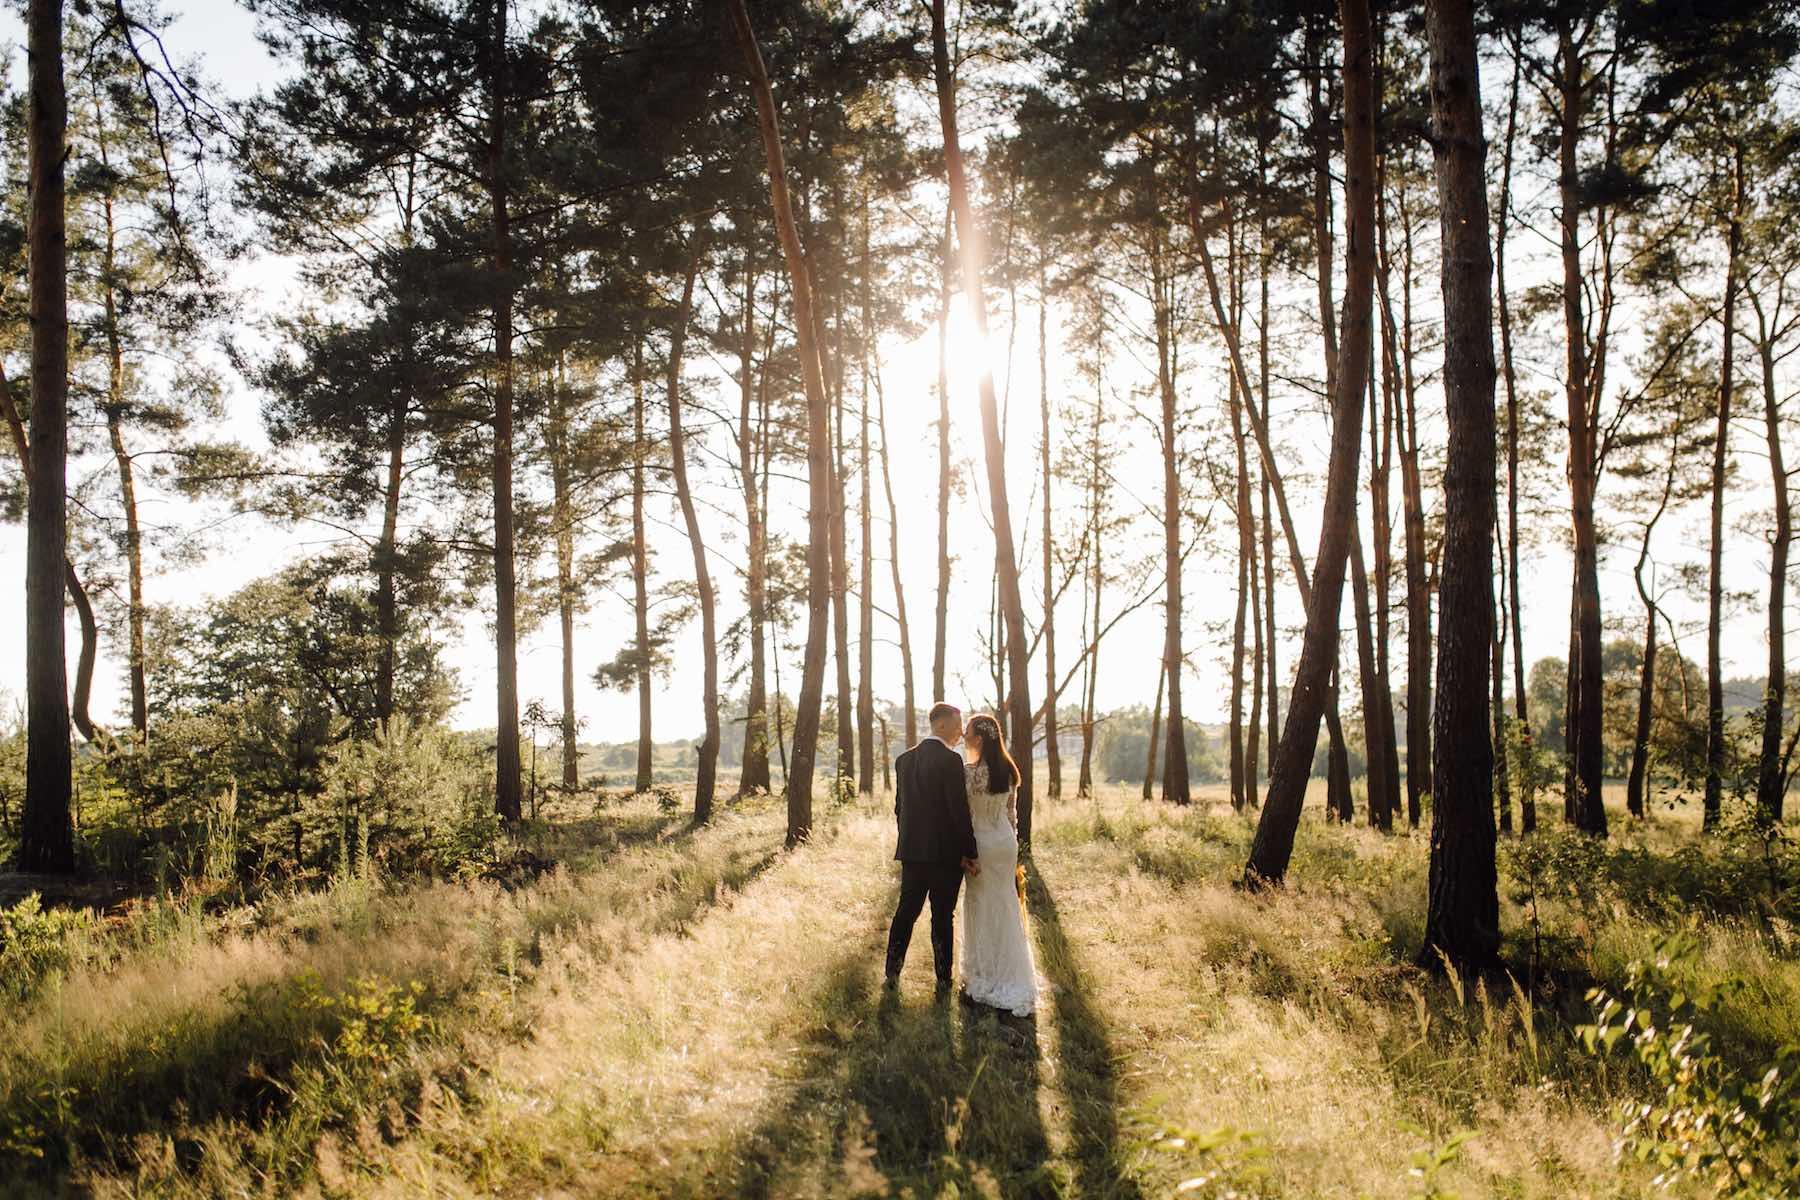 Le nuove tendenze del vostro matrimonio